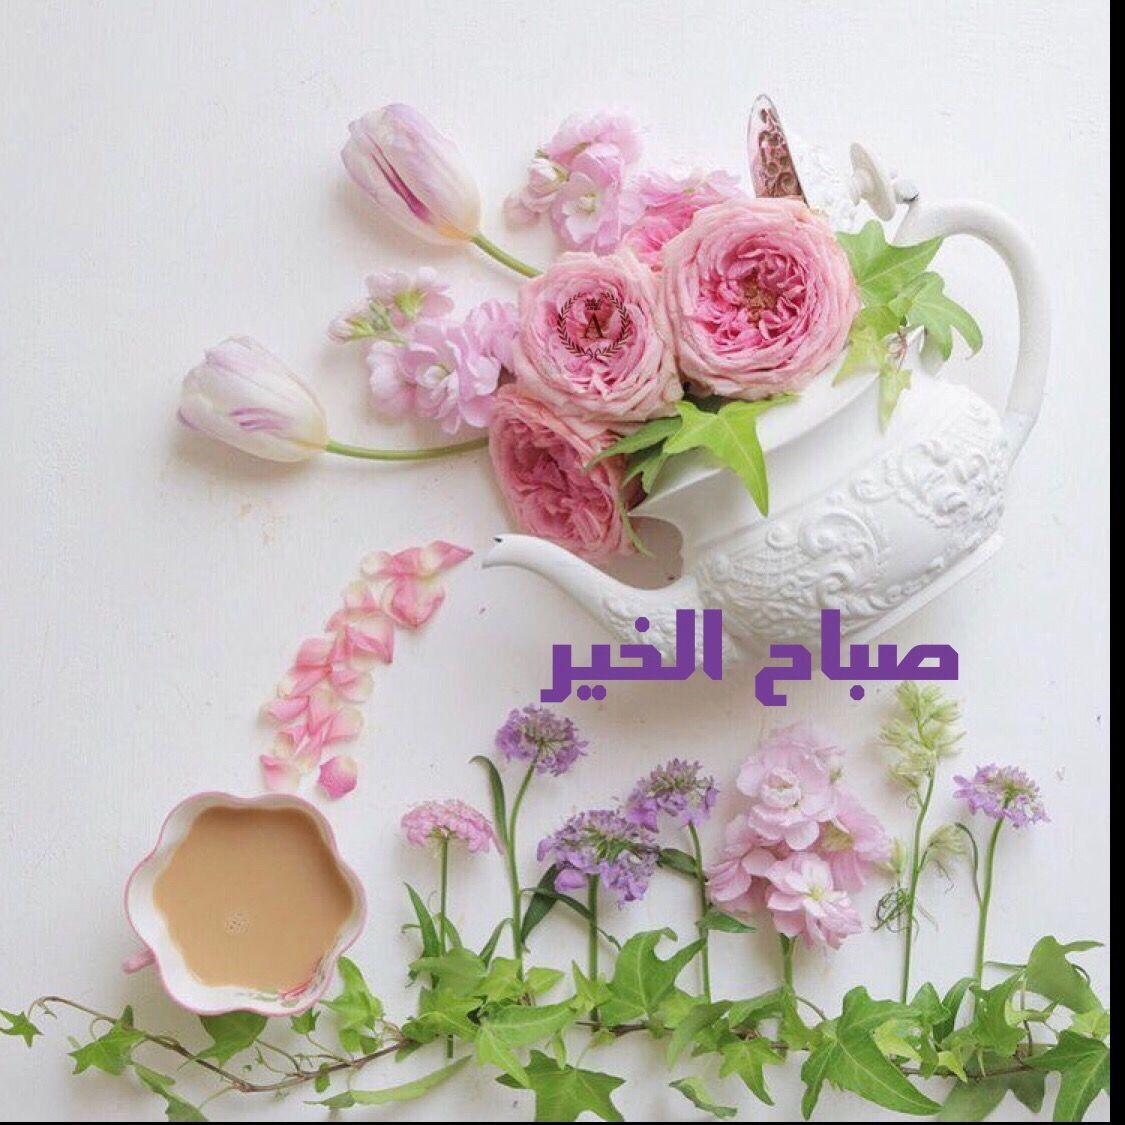 بالصور كلمات صباحيه , عبارات ورسائل صباحية جميلة 4289 1